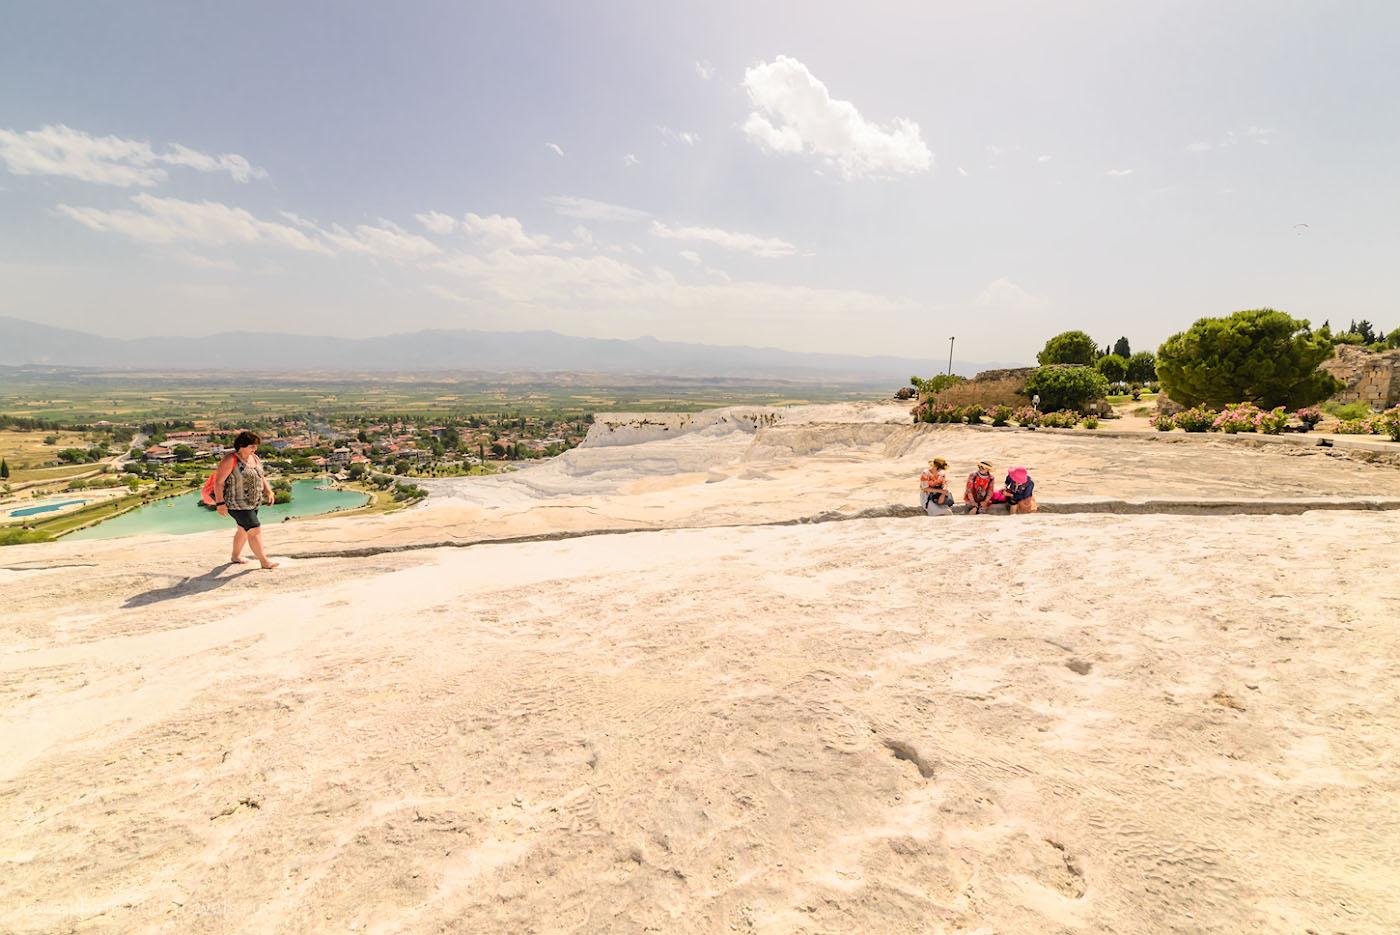 Фото 23. Туристы в Памуккале. Отчет о путешествии по Турции на авто. 1/600, 8.0, 500, 14.